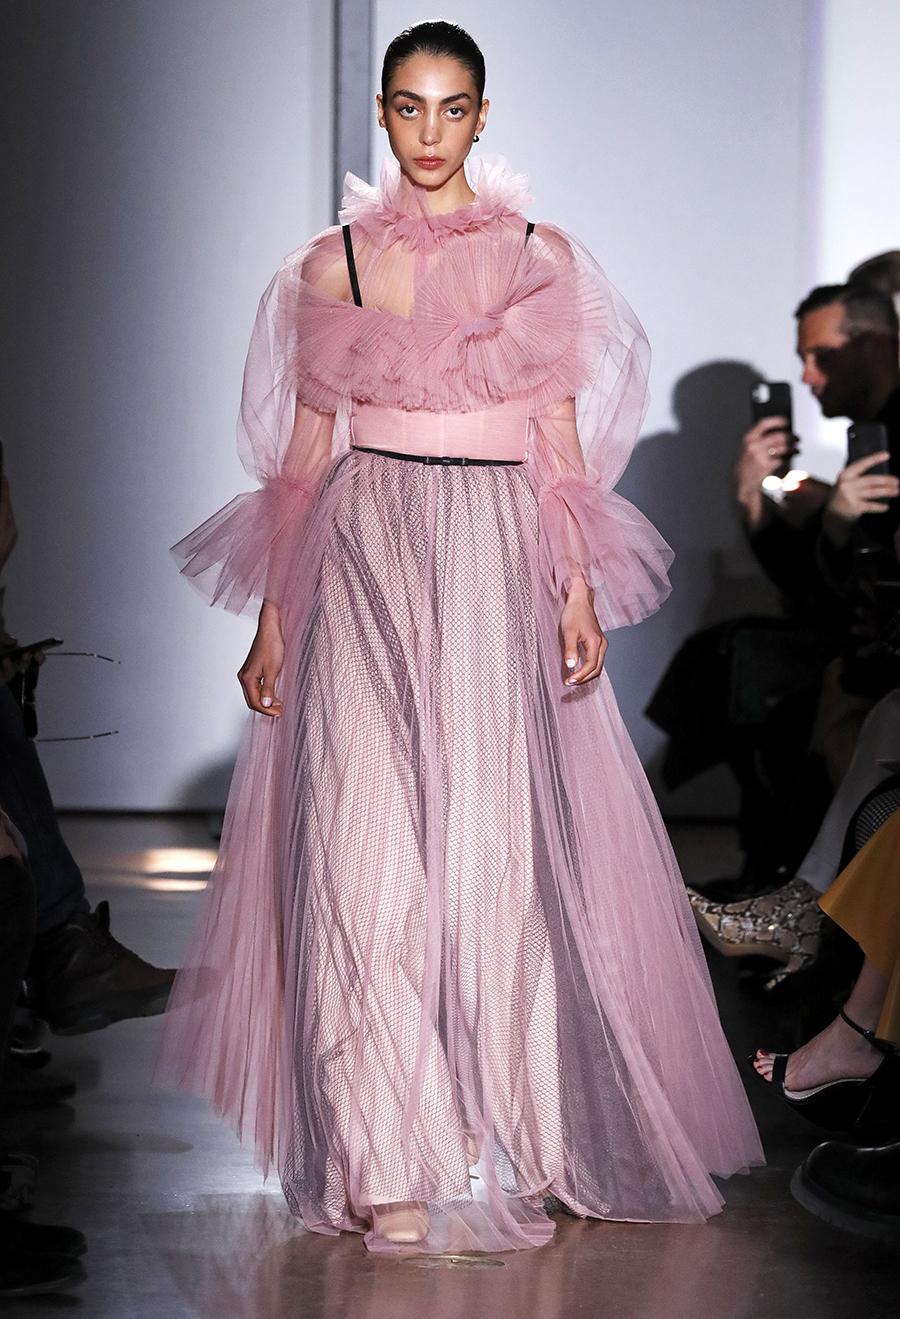 платье тюль прозрачное жлинное розовое что надеть на новый год 2021